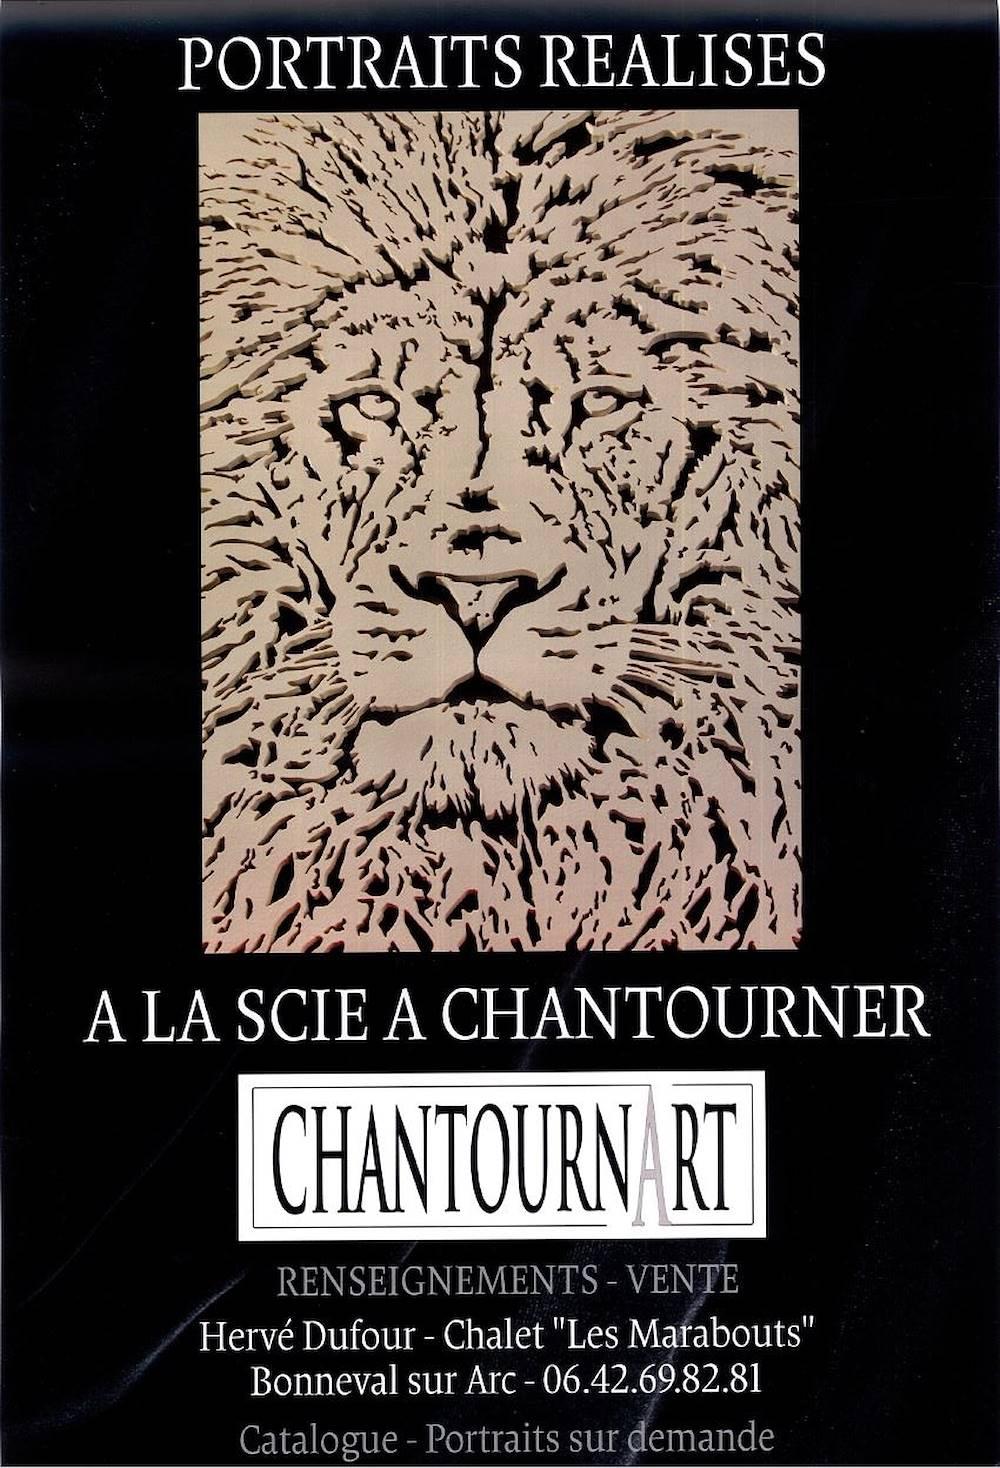 bonnveal-sur-arc-herve-dufour-chantourner © Hervé Dufour